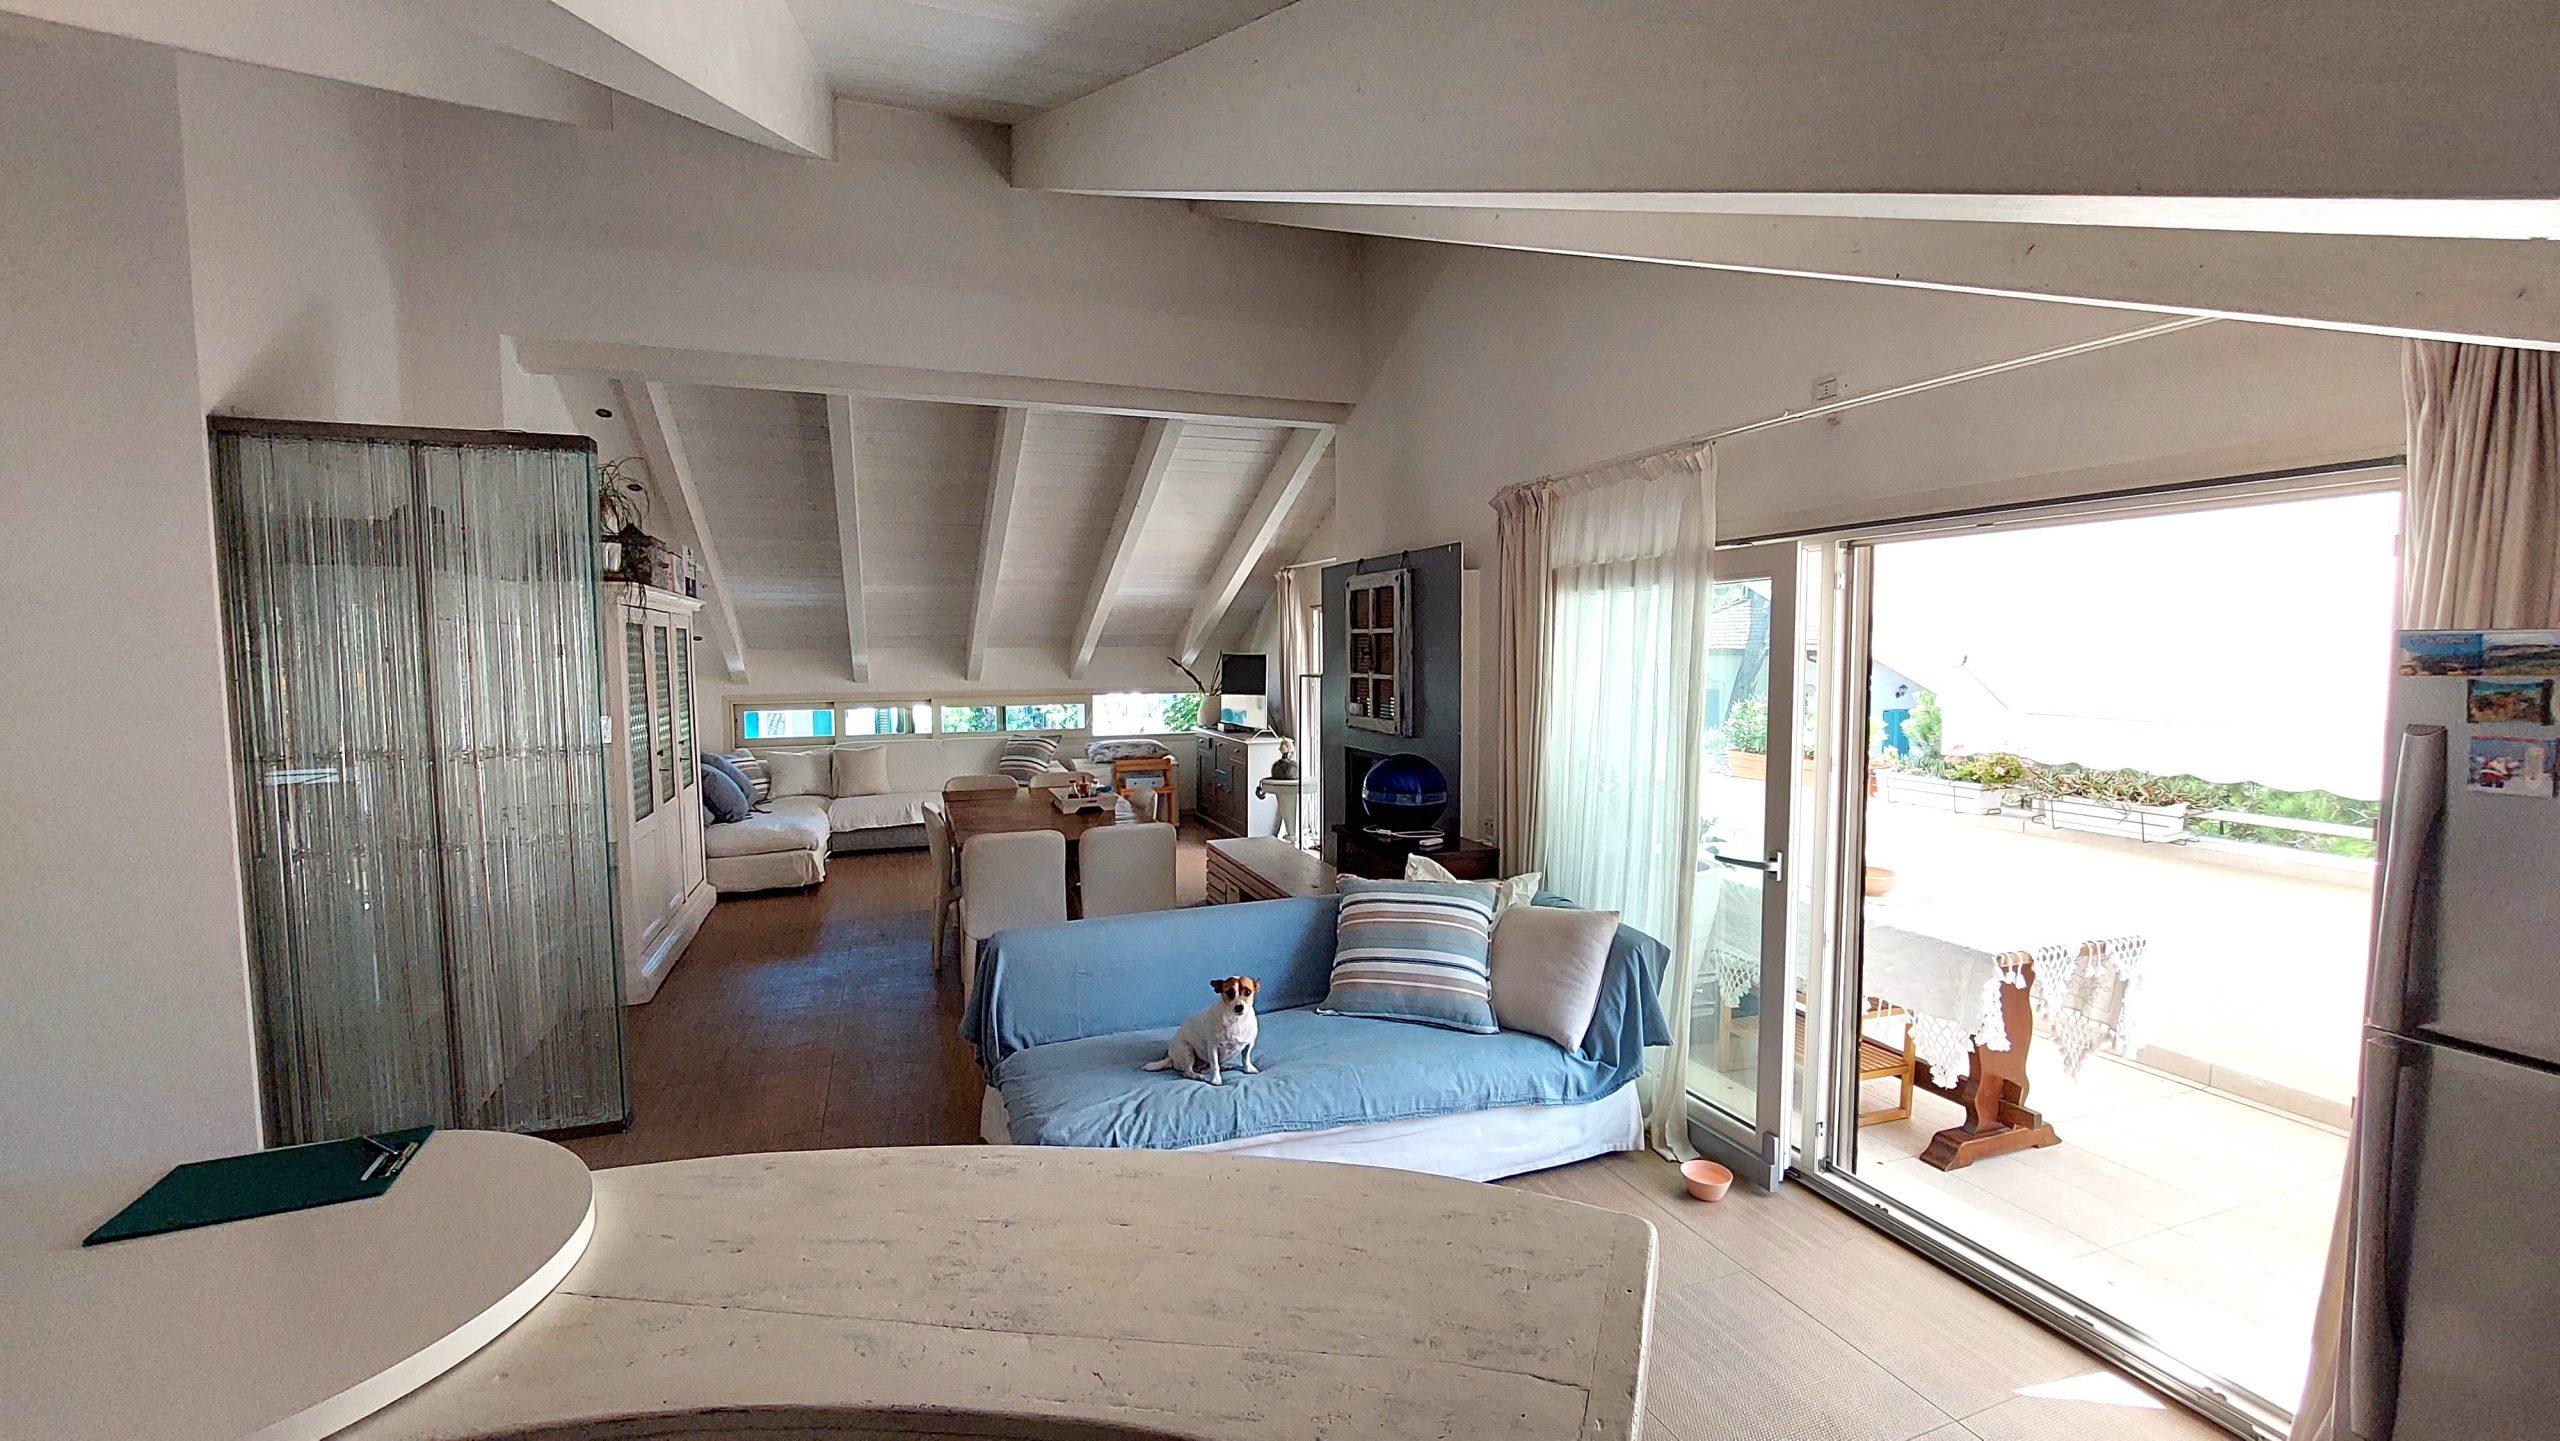 RICCIONE ABISSINIA, attico 3 camere, terrazzi e box doppio in vendita